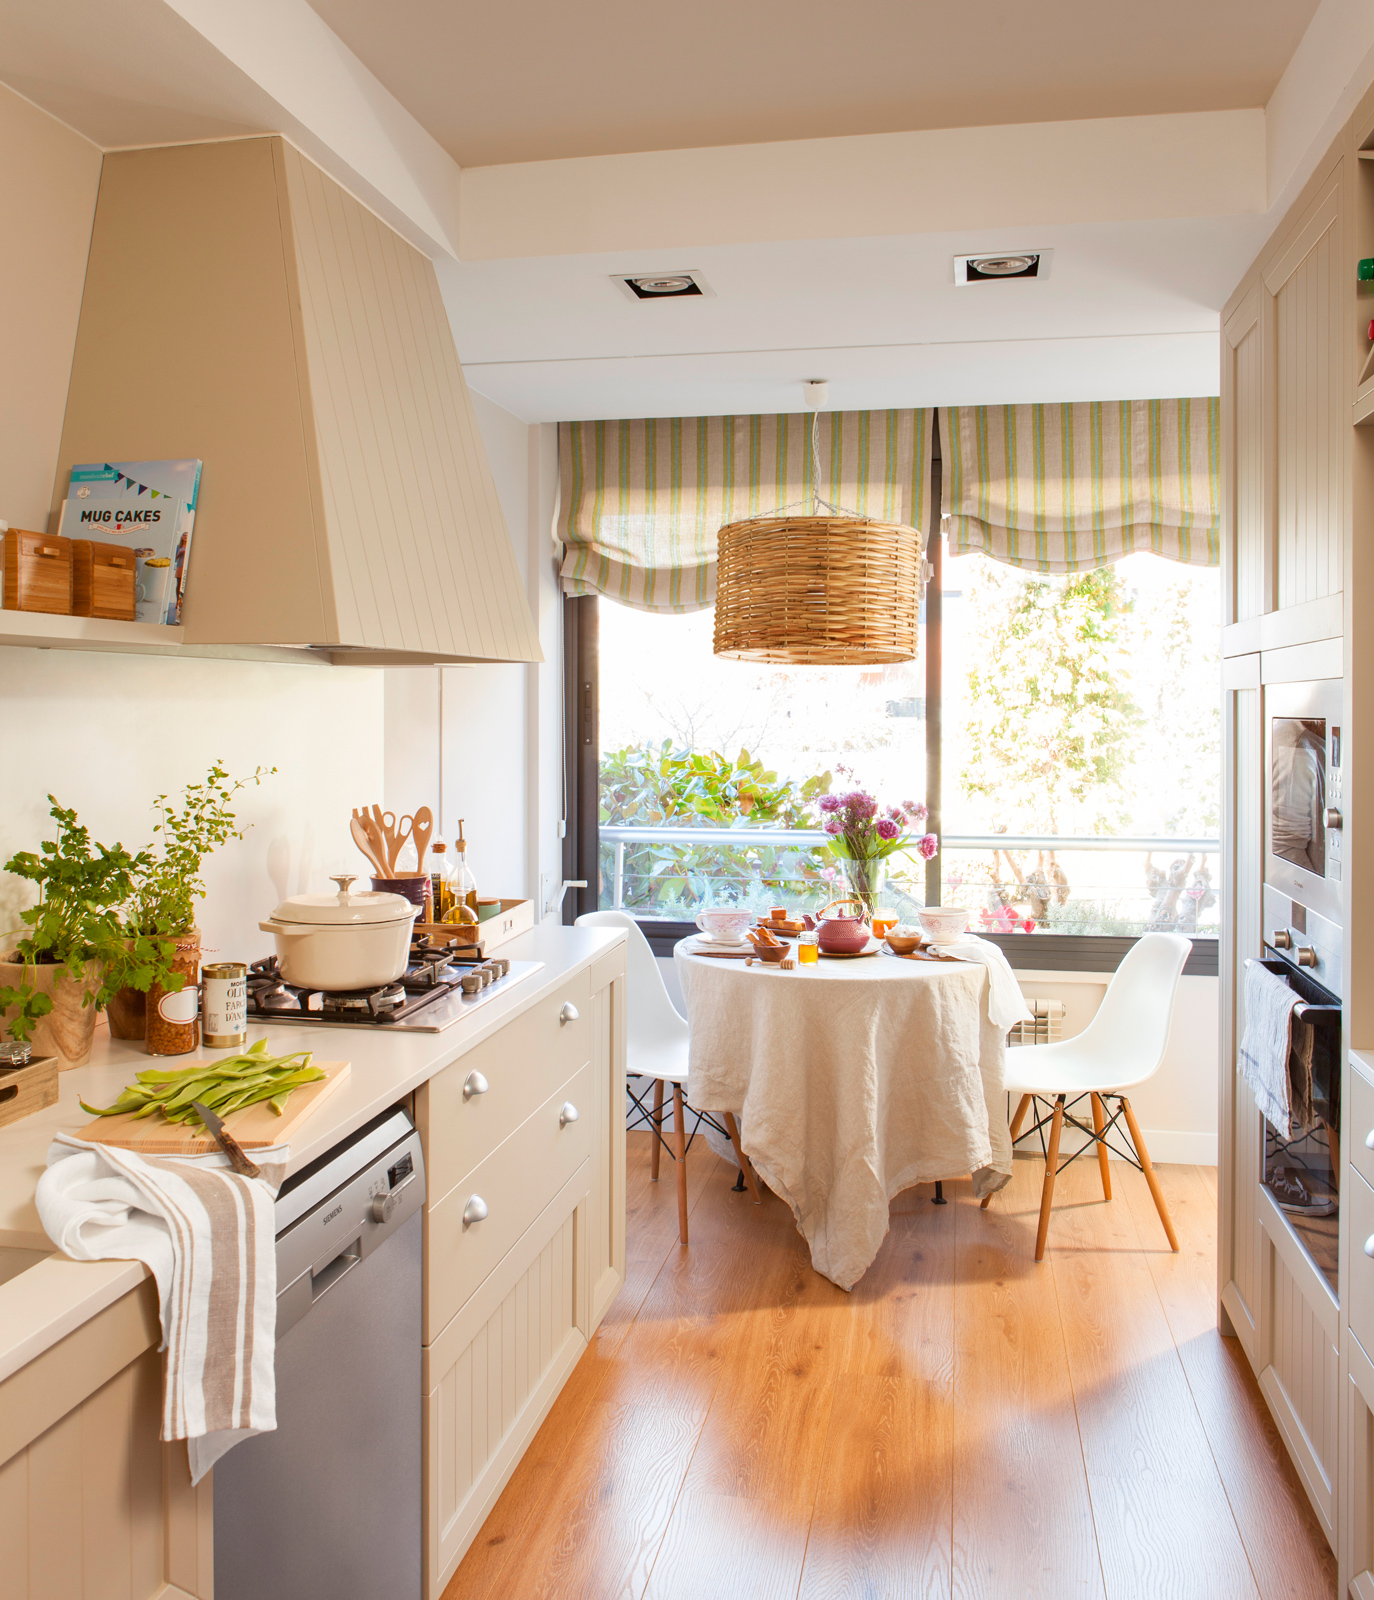 Una cocina peque a con mucho orden y un office - Cocinas pequenas con mesa ...